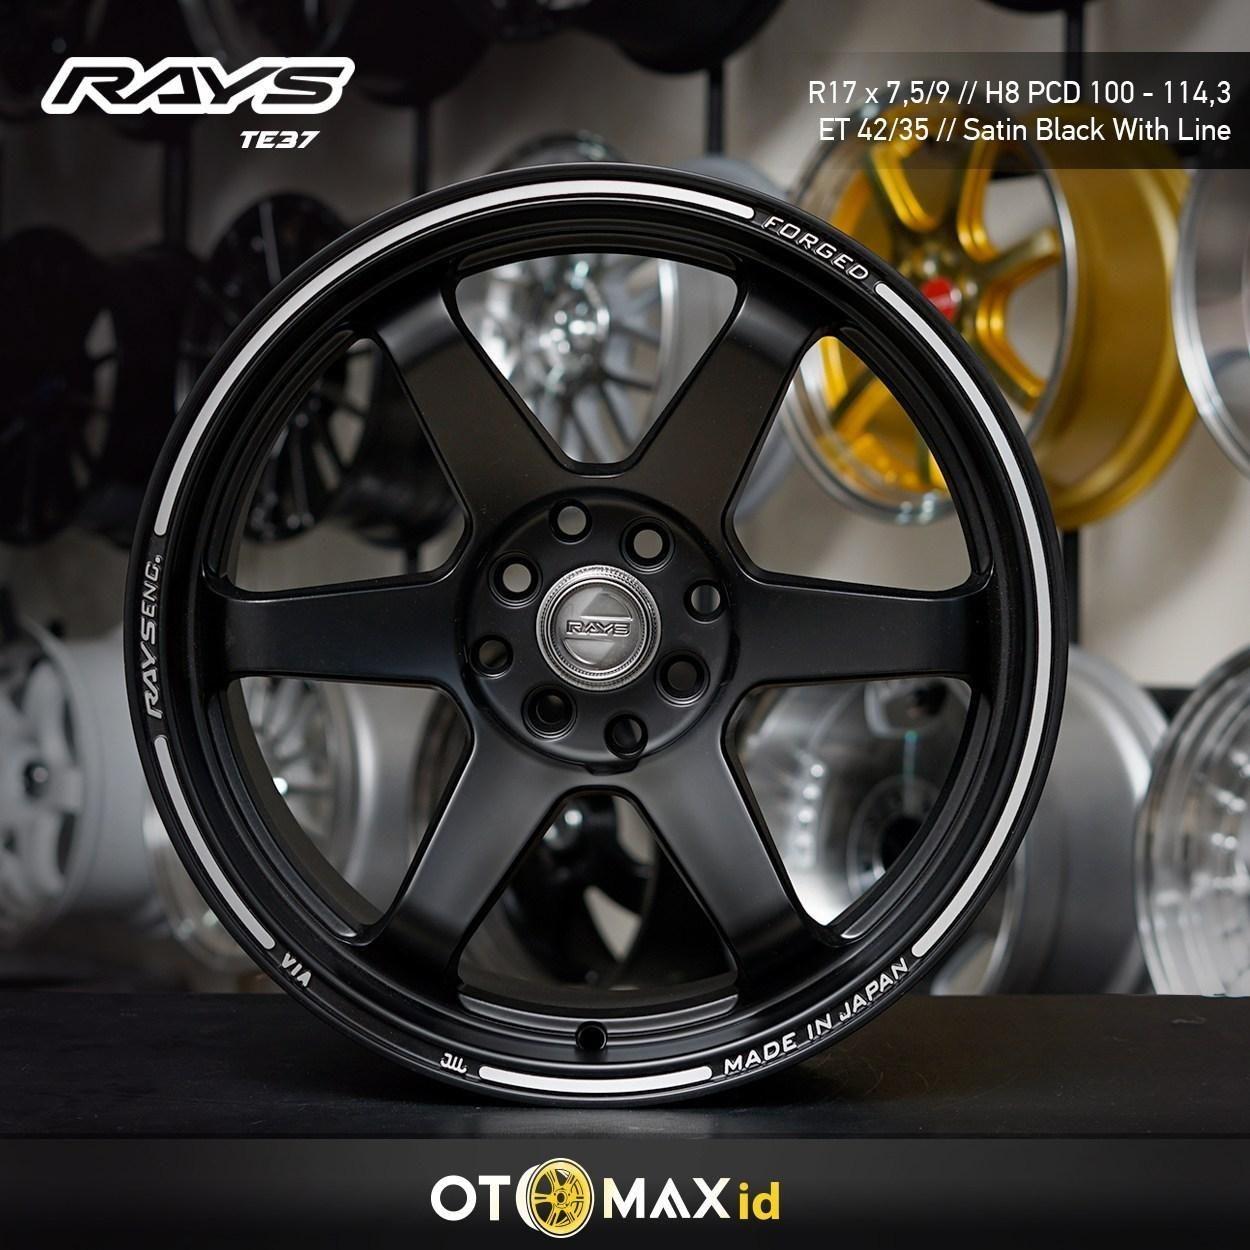 Otomax Store Berbicara Tentang Velg Volk Rays Te37 Untuk